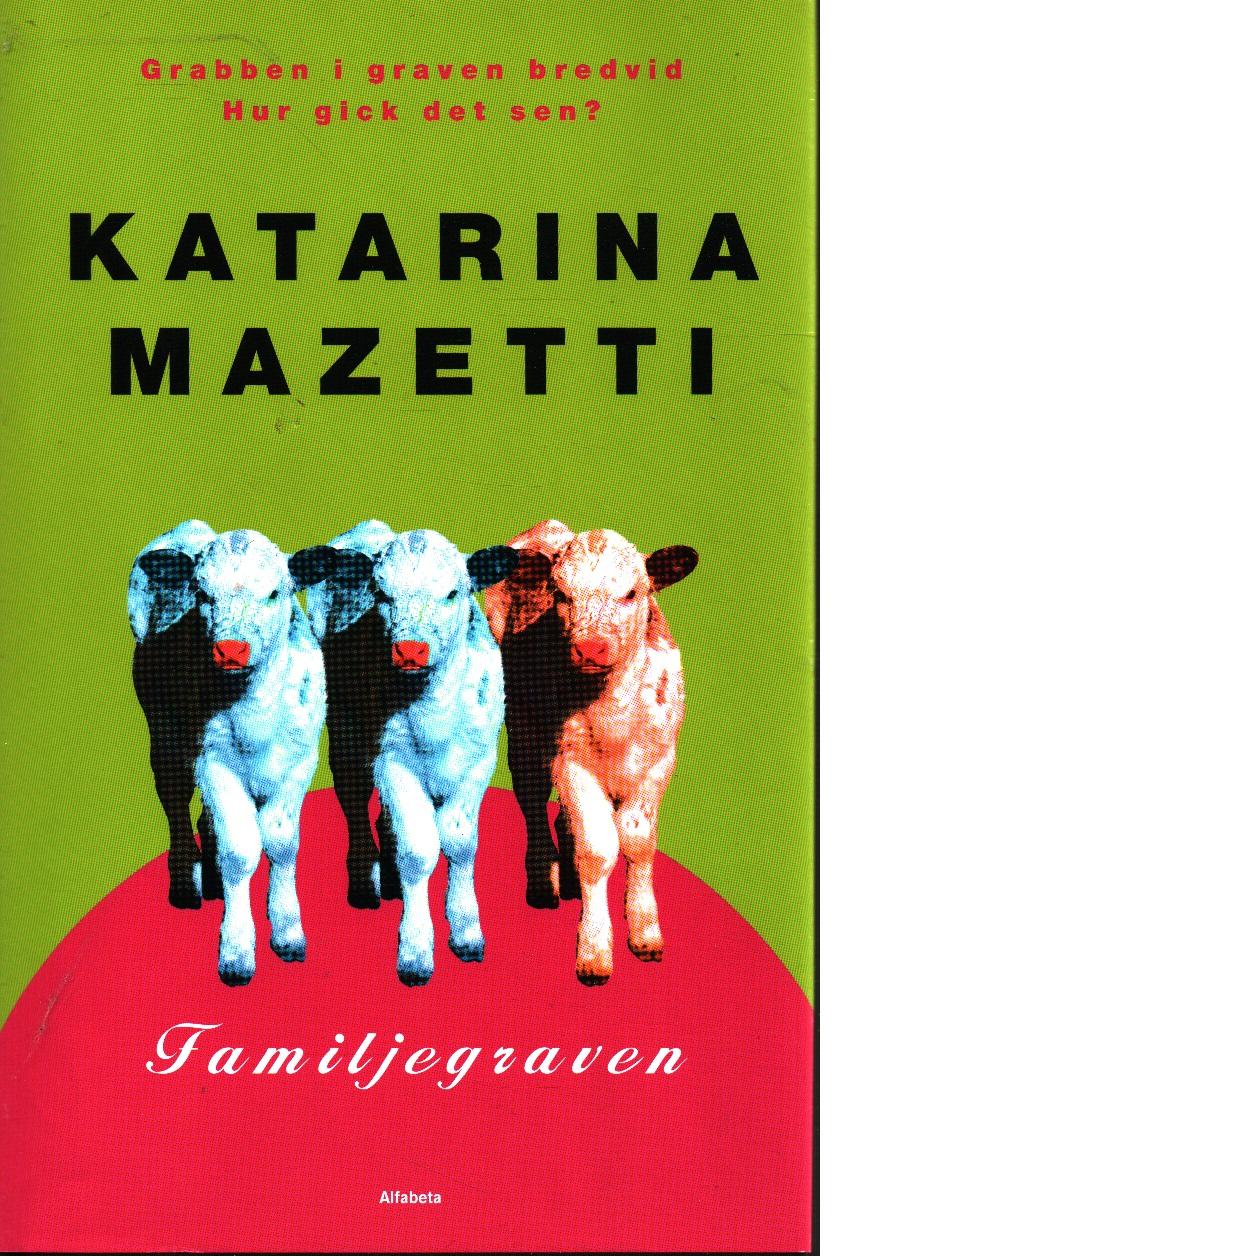 Grabben i graven bredvid - Mazetti, Katarina